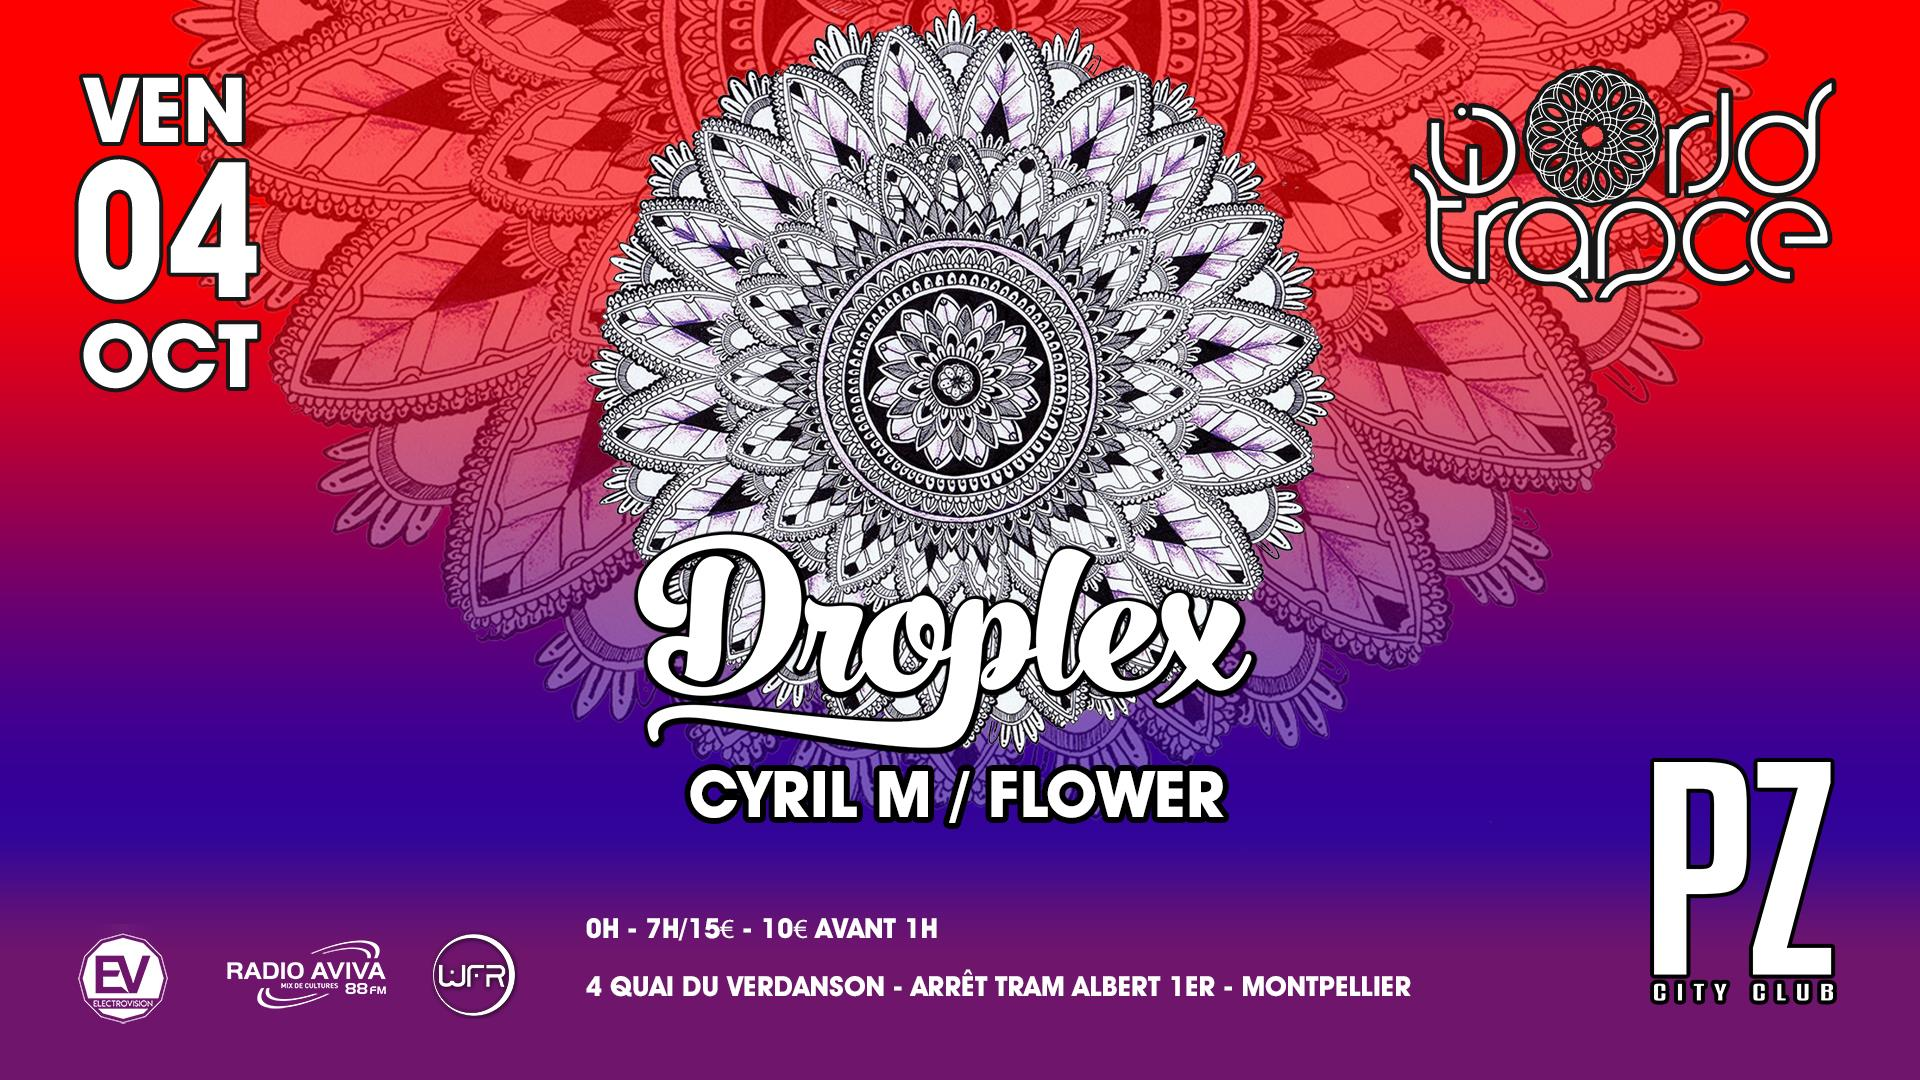 Droplex @PZ city club